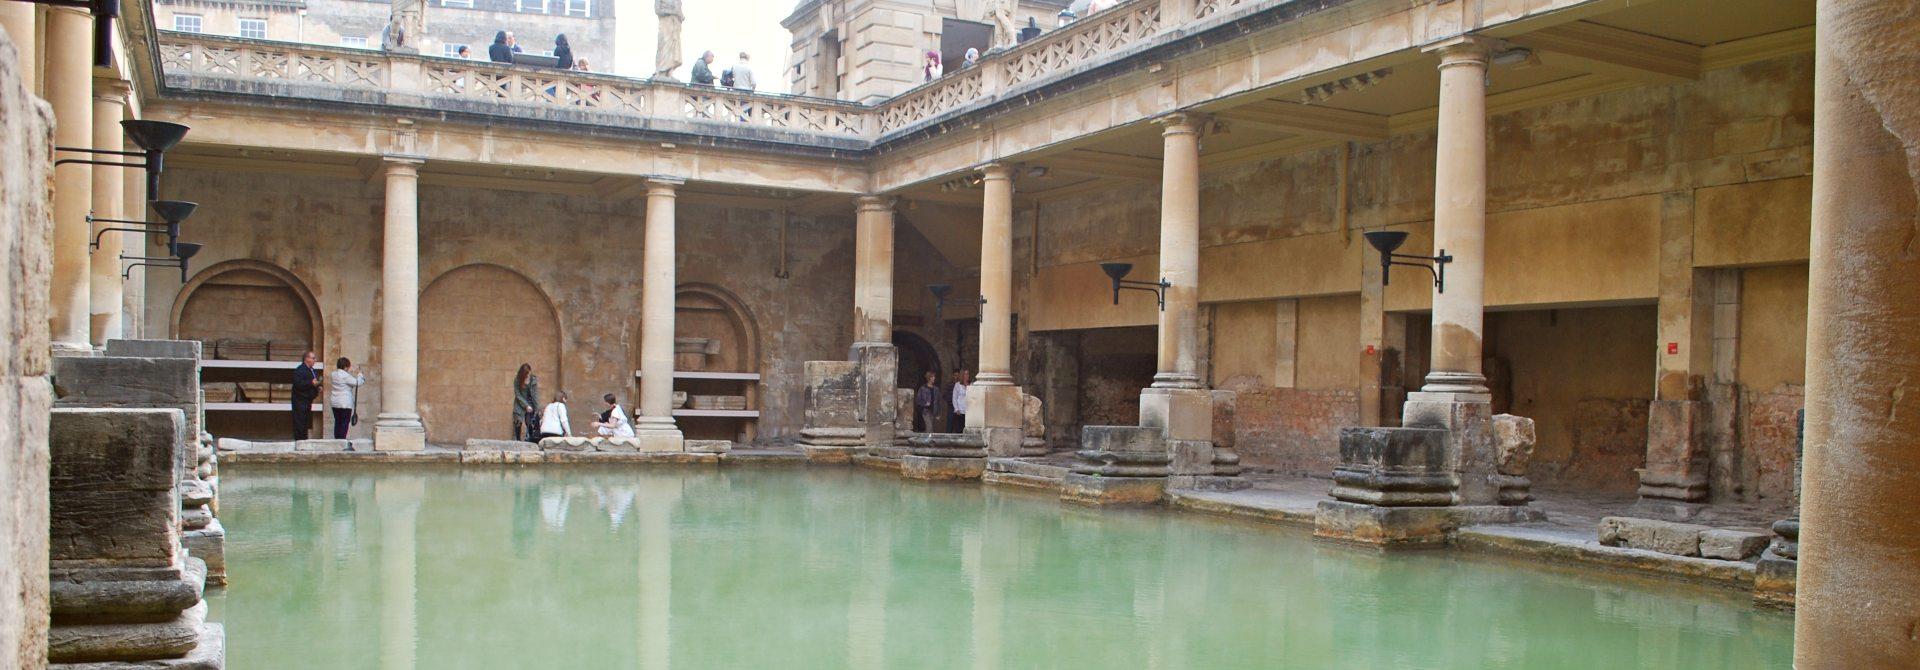 Roman Baths Header